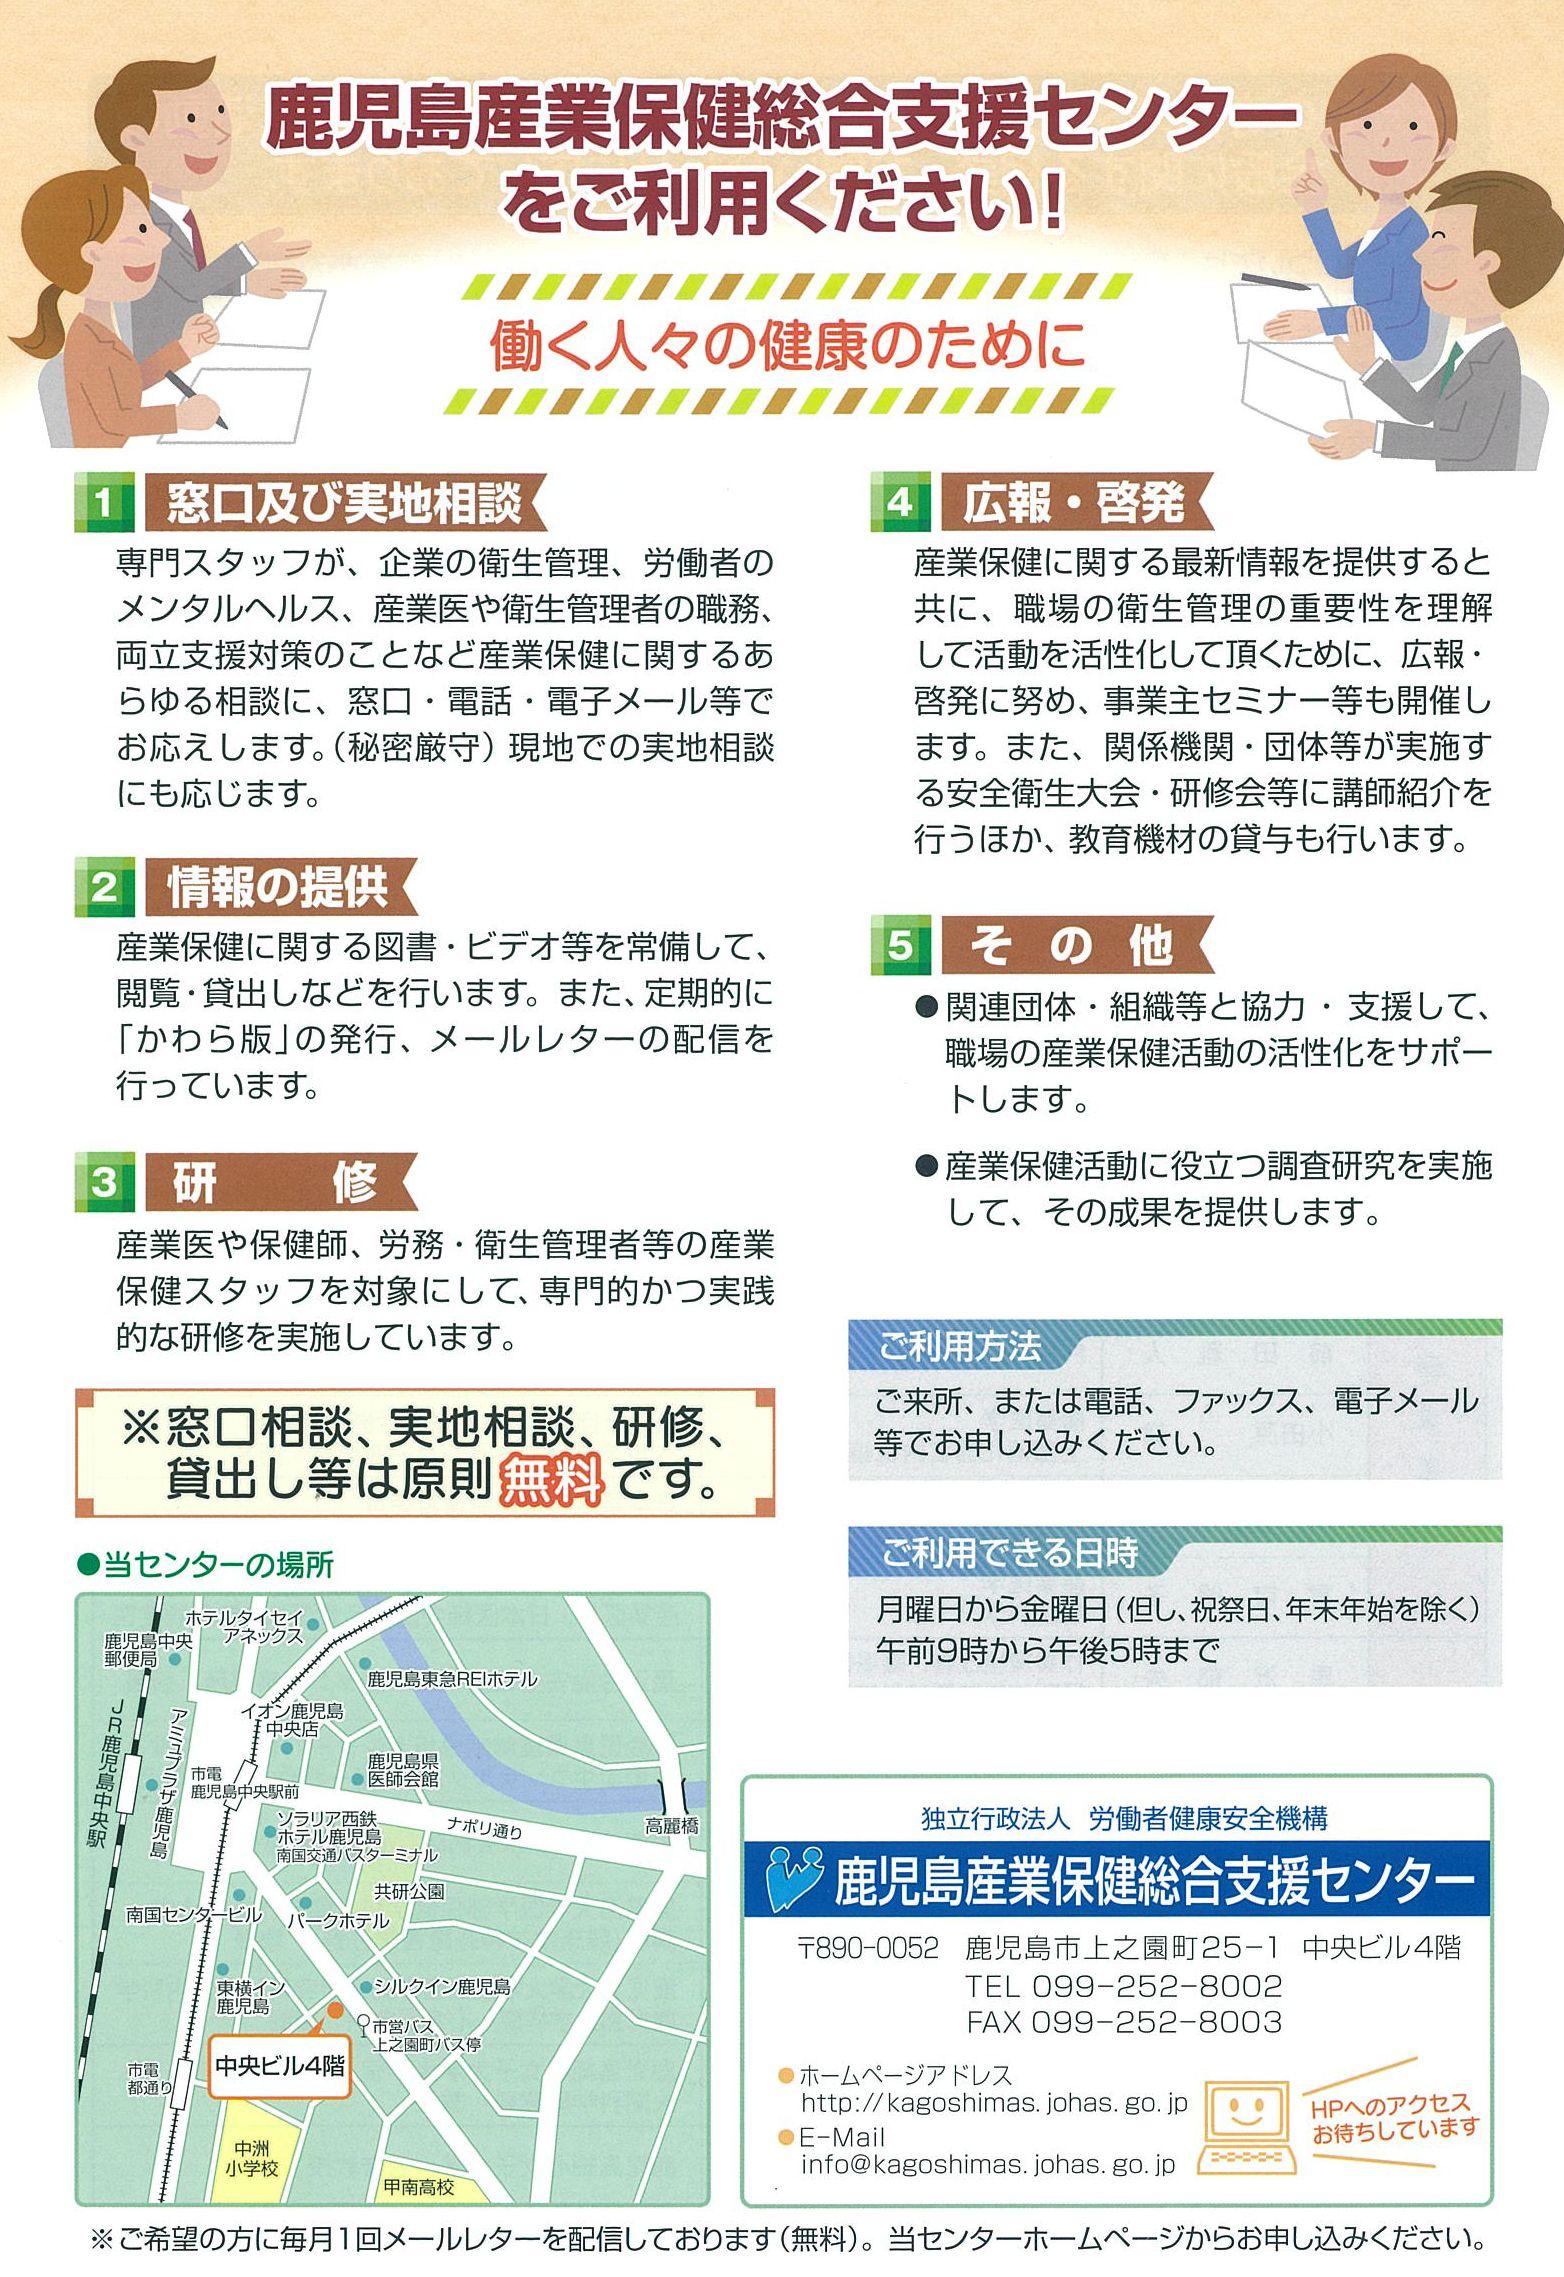 鹿児島産業保健総合支援センターをご利用ください画像表紙.jpg